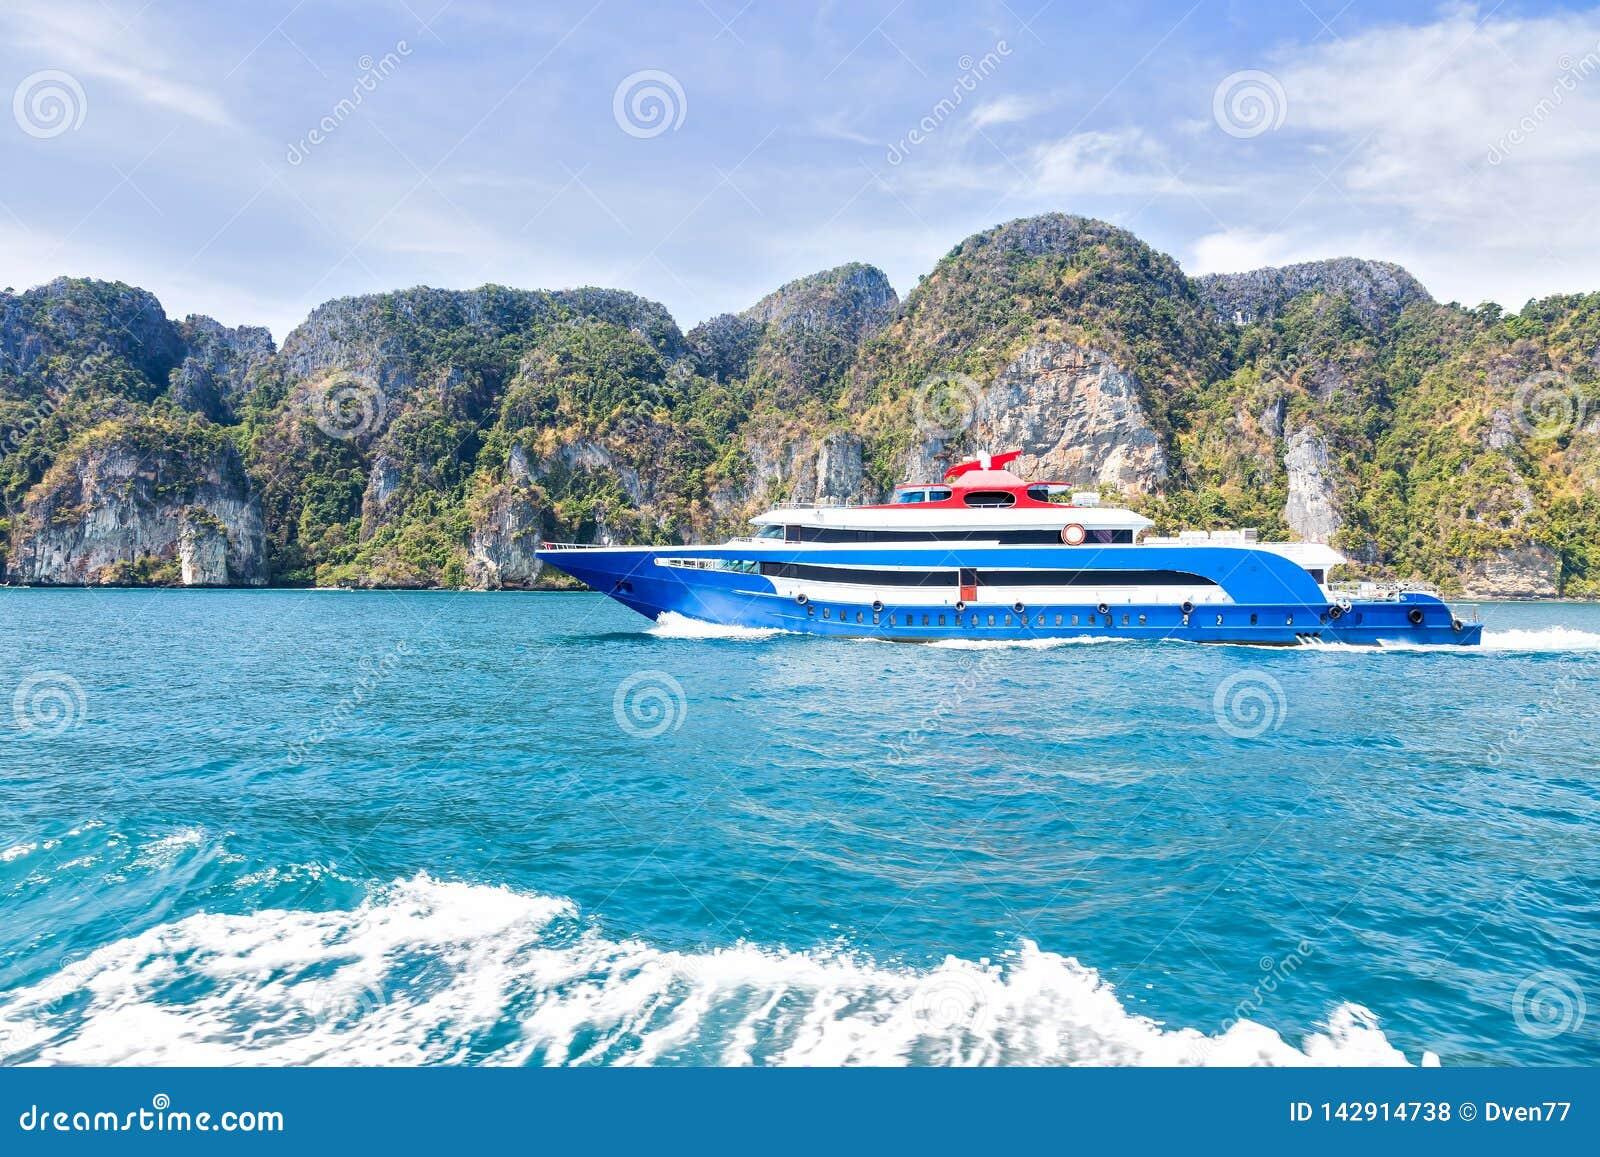 Bleu avec le bateau blanc et rouge de vitesse de plaisir d accents Navigation sur la mer contre une ?le tropicale de montagne Vue